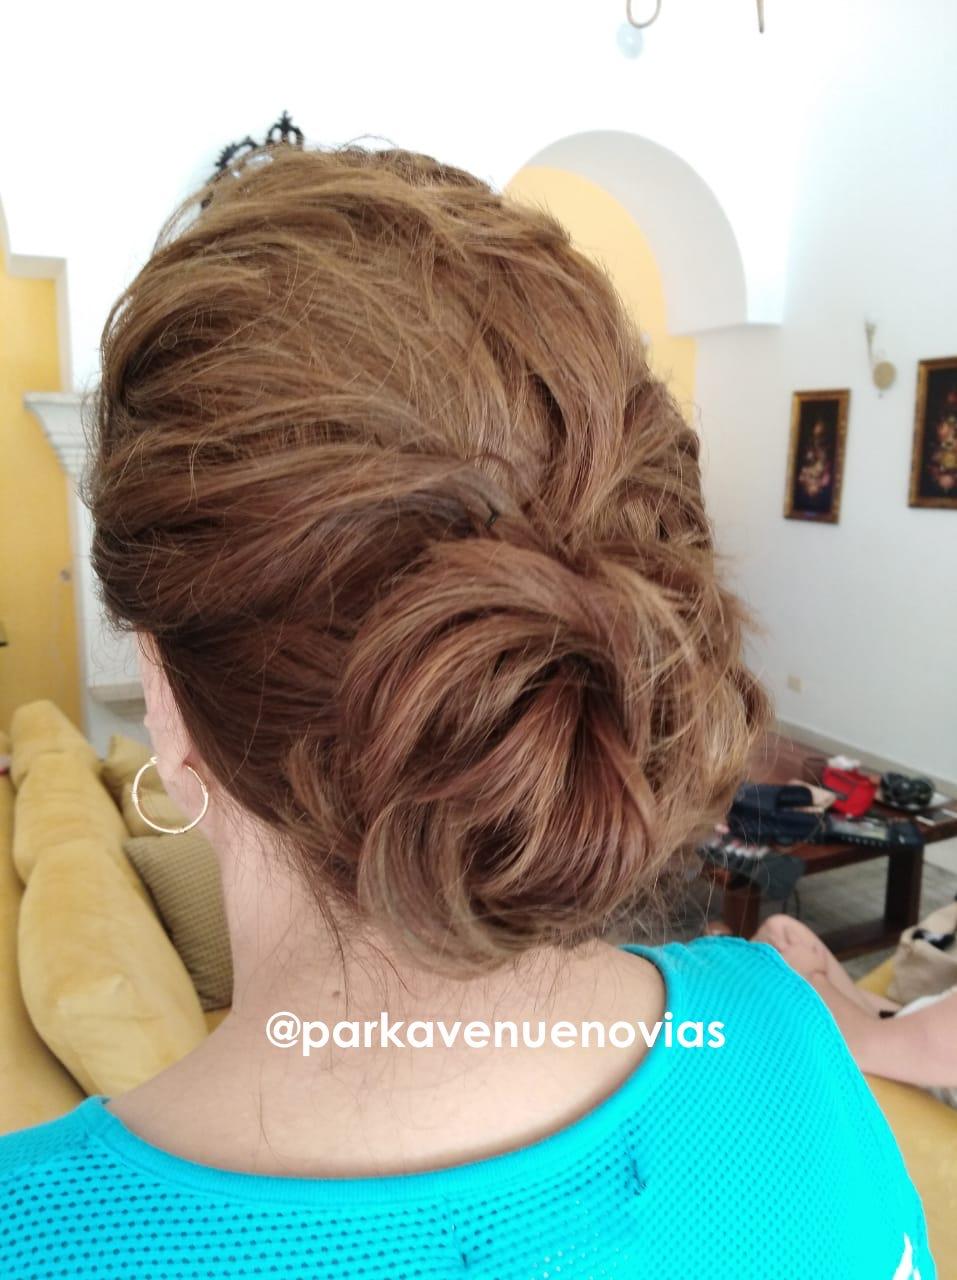 Peinado recogido para boda en Cuernavaca